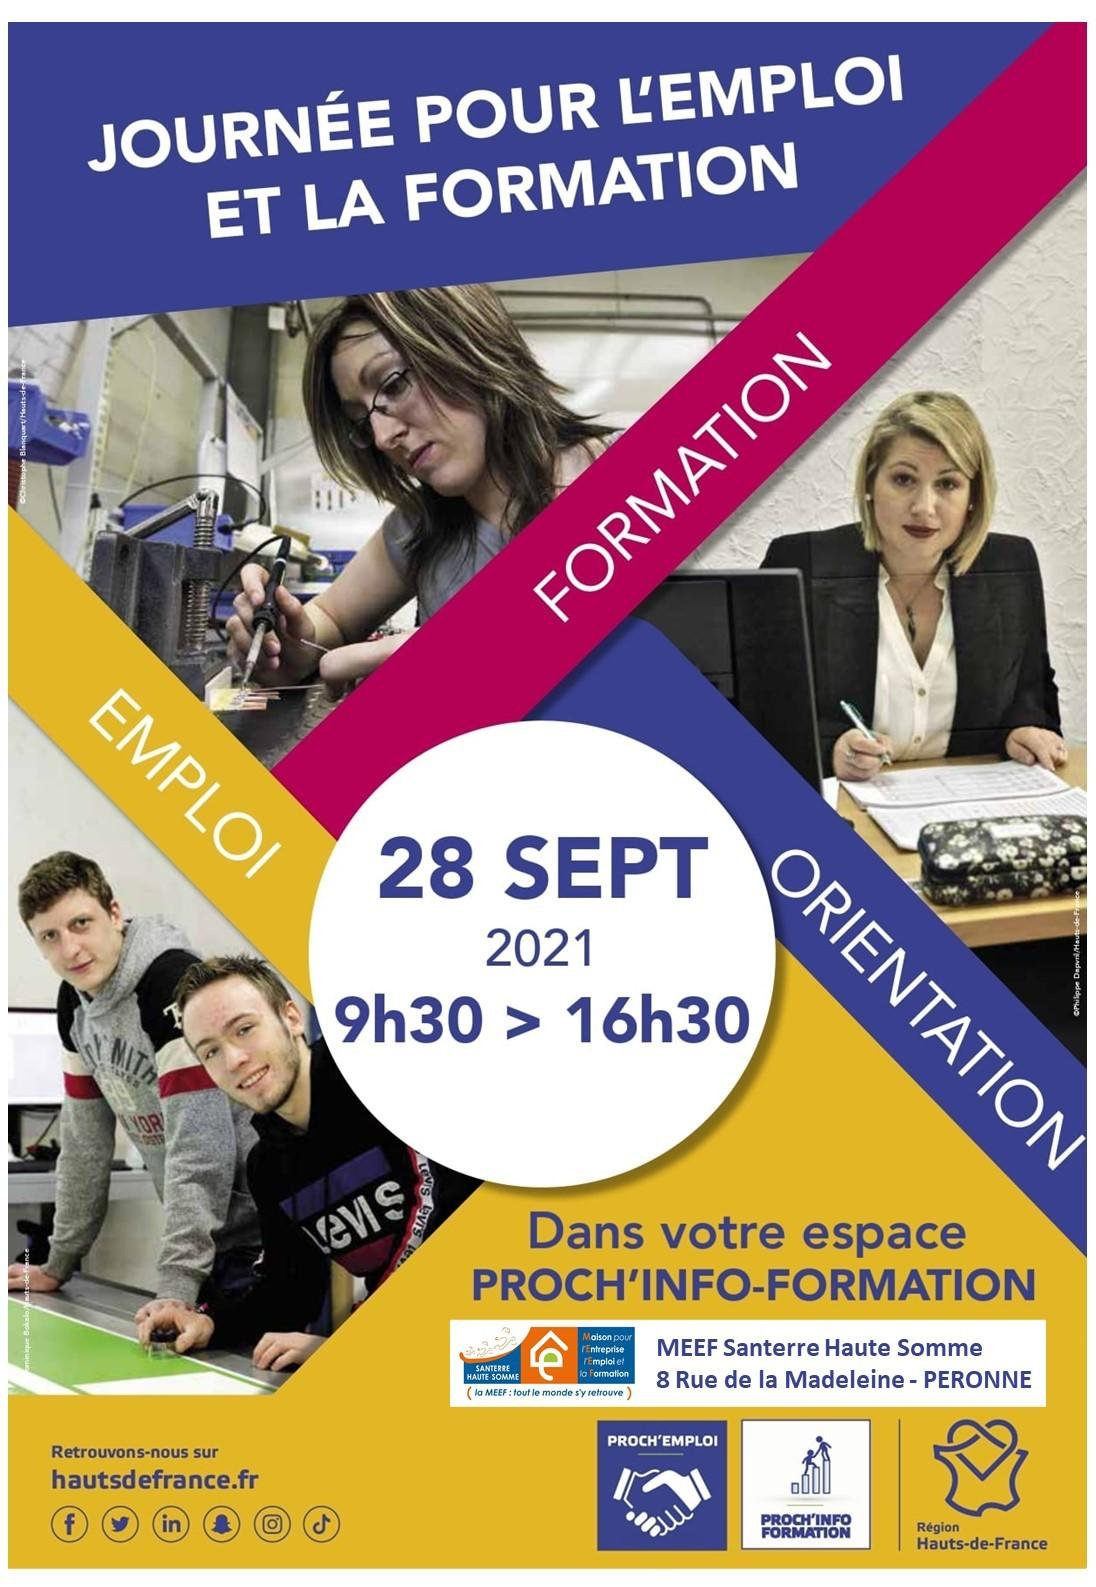 Journée pour l'emploi et la formation à Péronne 28 septembre 2021